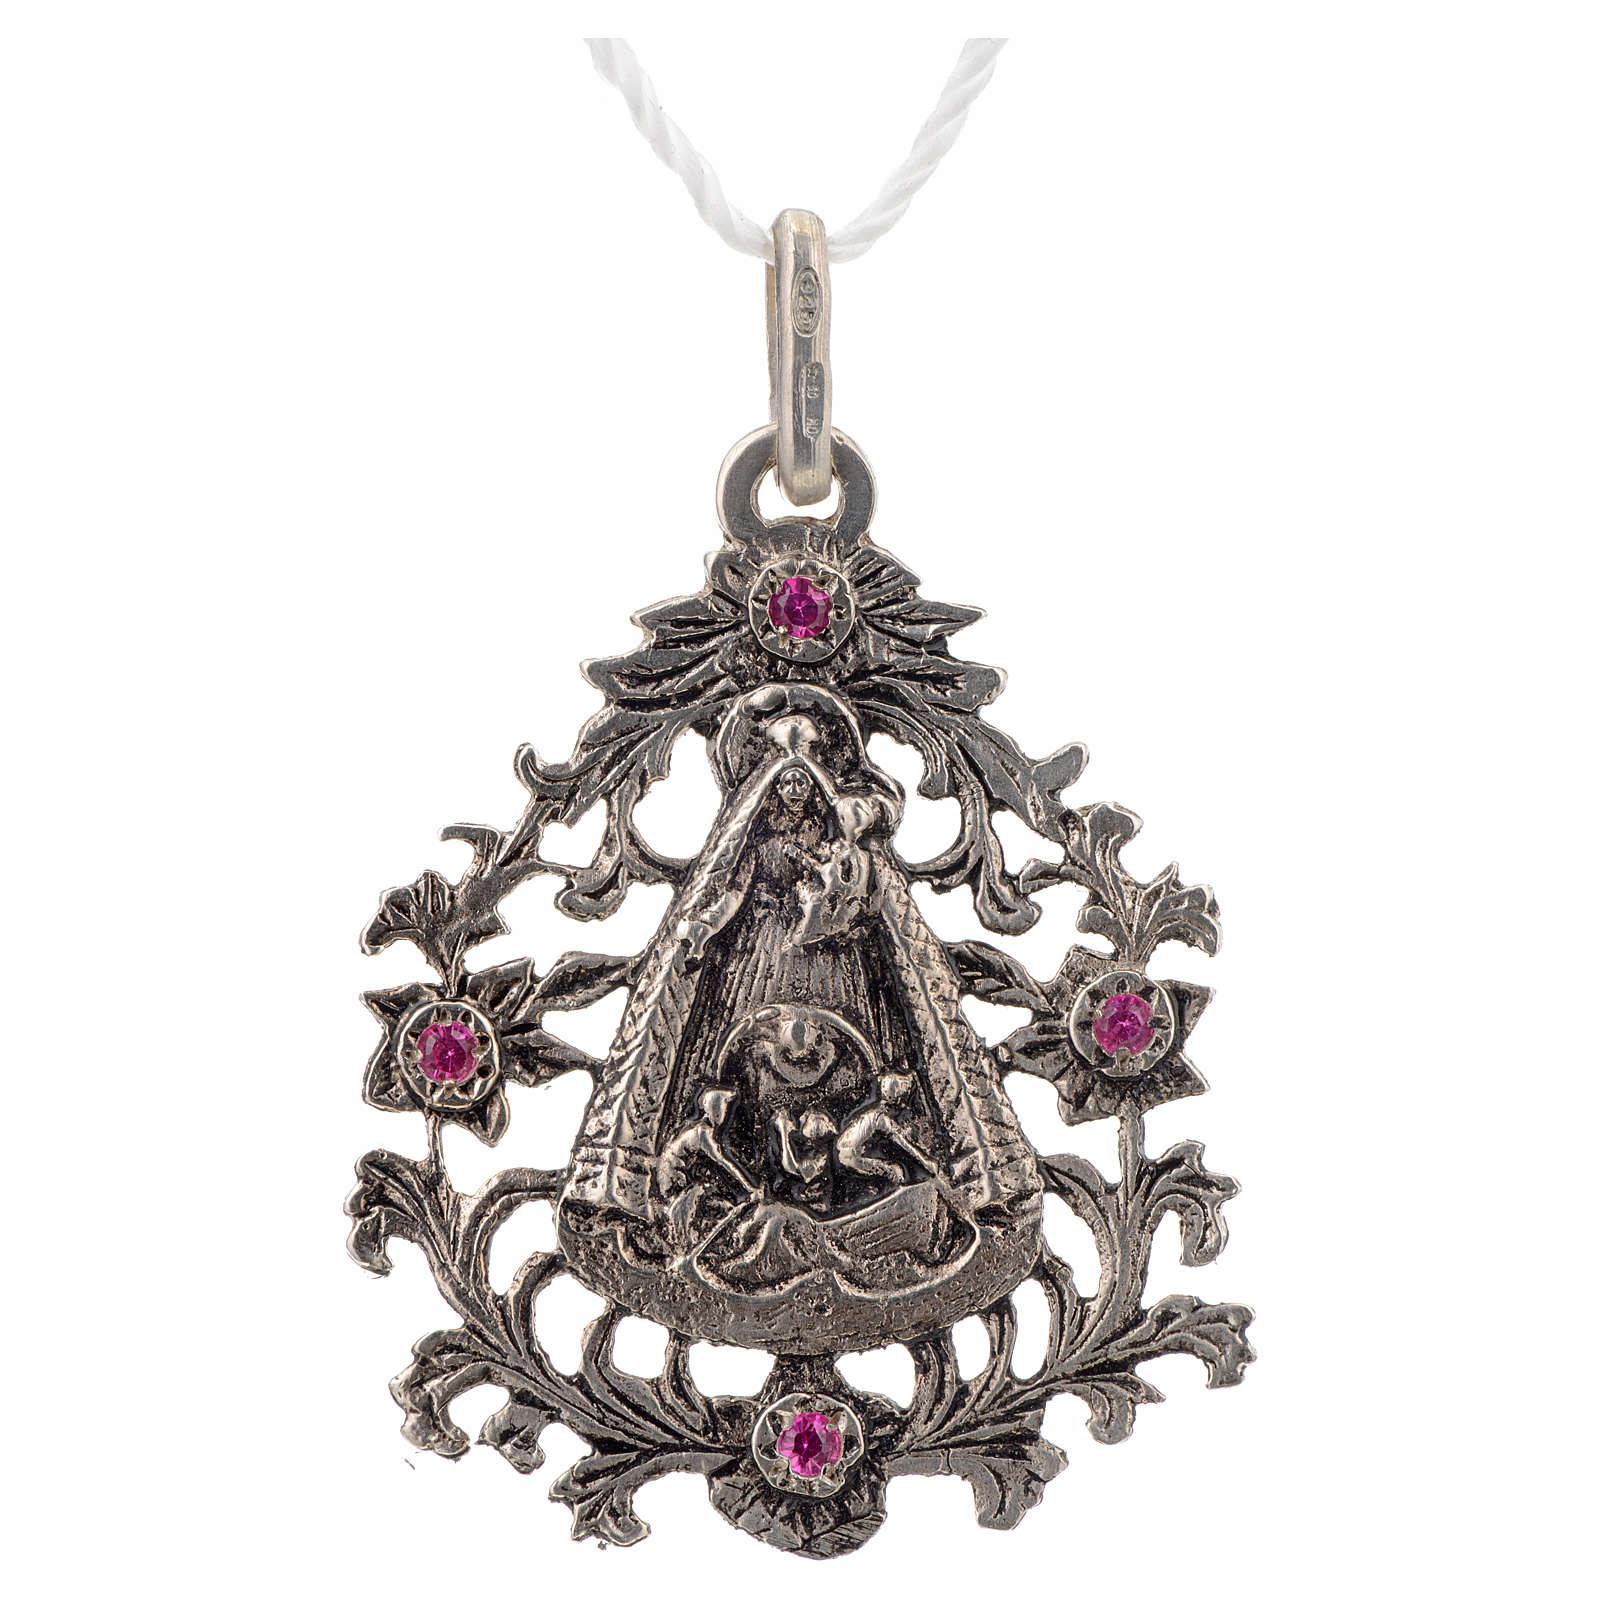 Pendente Vergine del Cobre argento 925 4